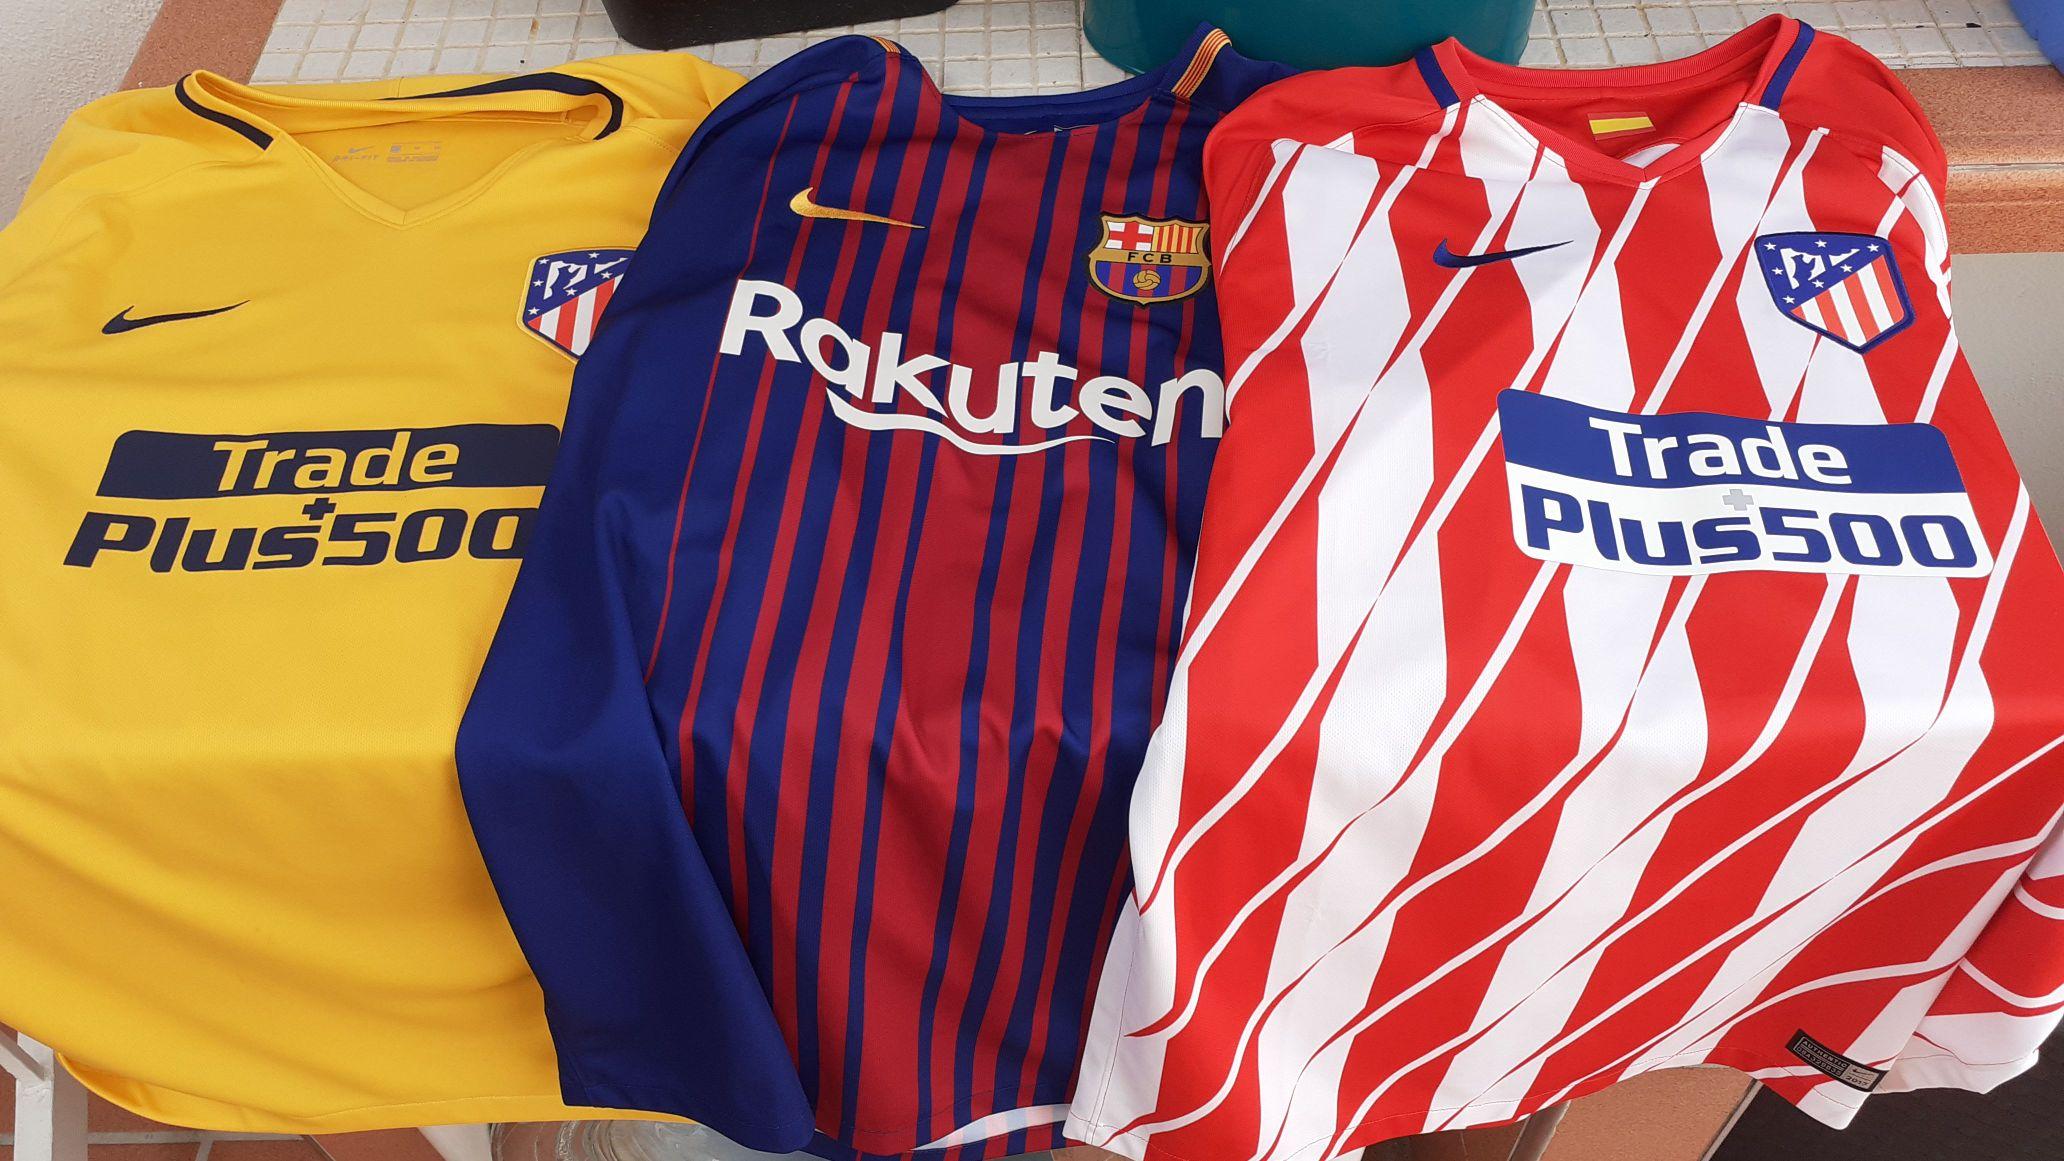 Camisetas del Barcelona y Atlético de Madrid en el ECI Outlet